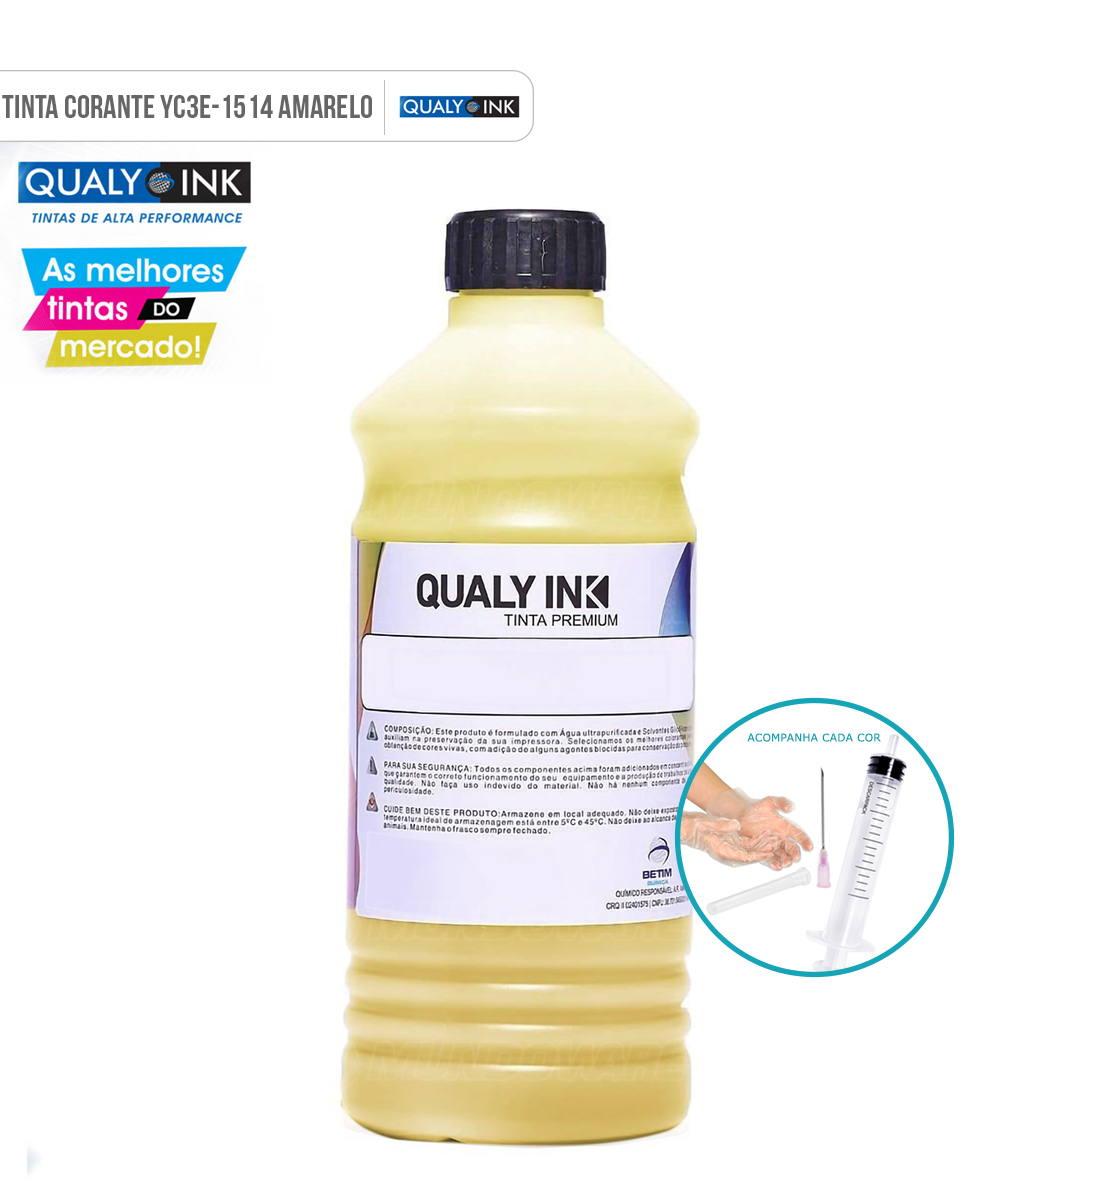 Refil de Tinta Qualy-Ink Yellow Corante para Epson série 664 impressoras L100 L110 L120 L200 L210 L220 L300 L355 L365 L375 L380 L395 L396 L455 L475 L495 L550 L555 L565 L575 L606